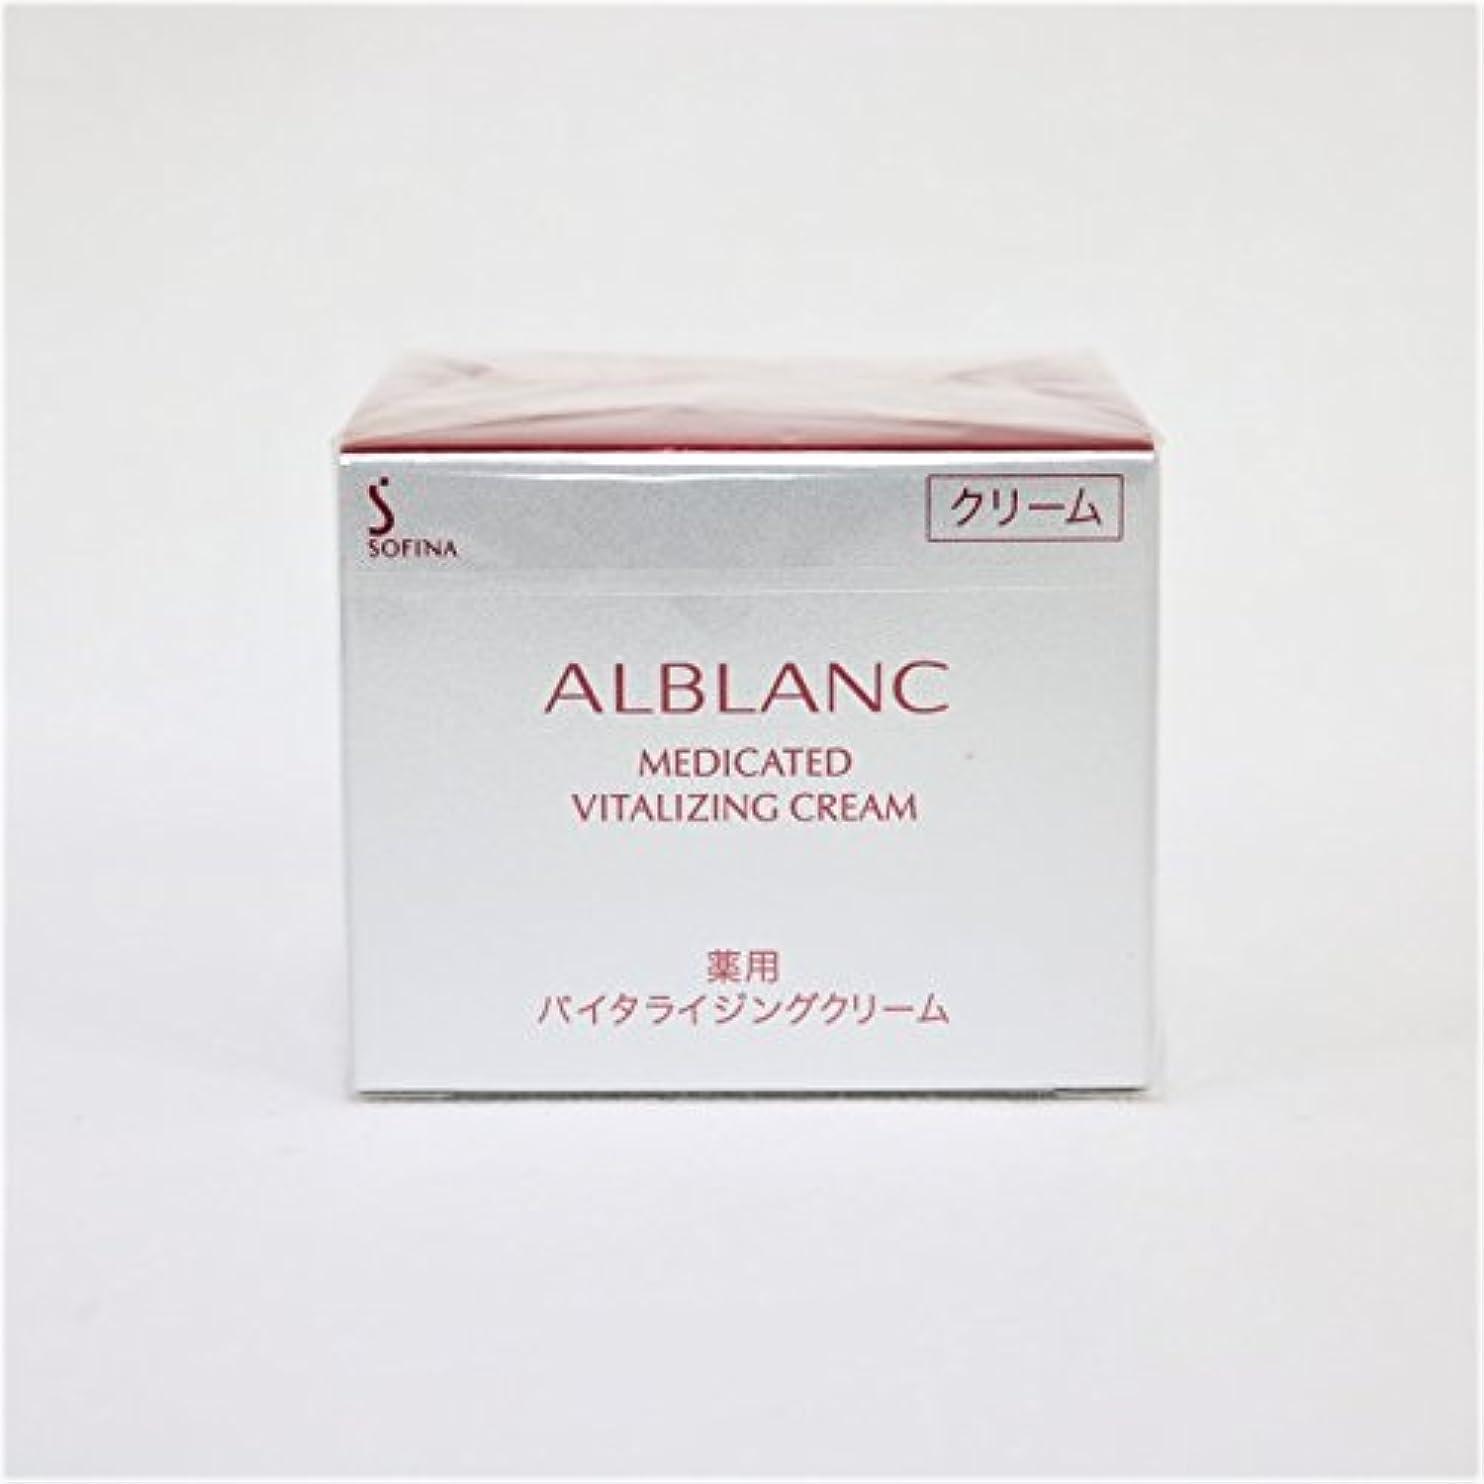 寛容なシンクトチの実の木ソフィーナ アルブラン 薬用バイタライジングクリーム 40g